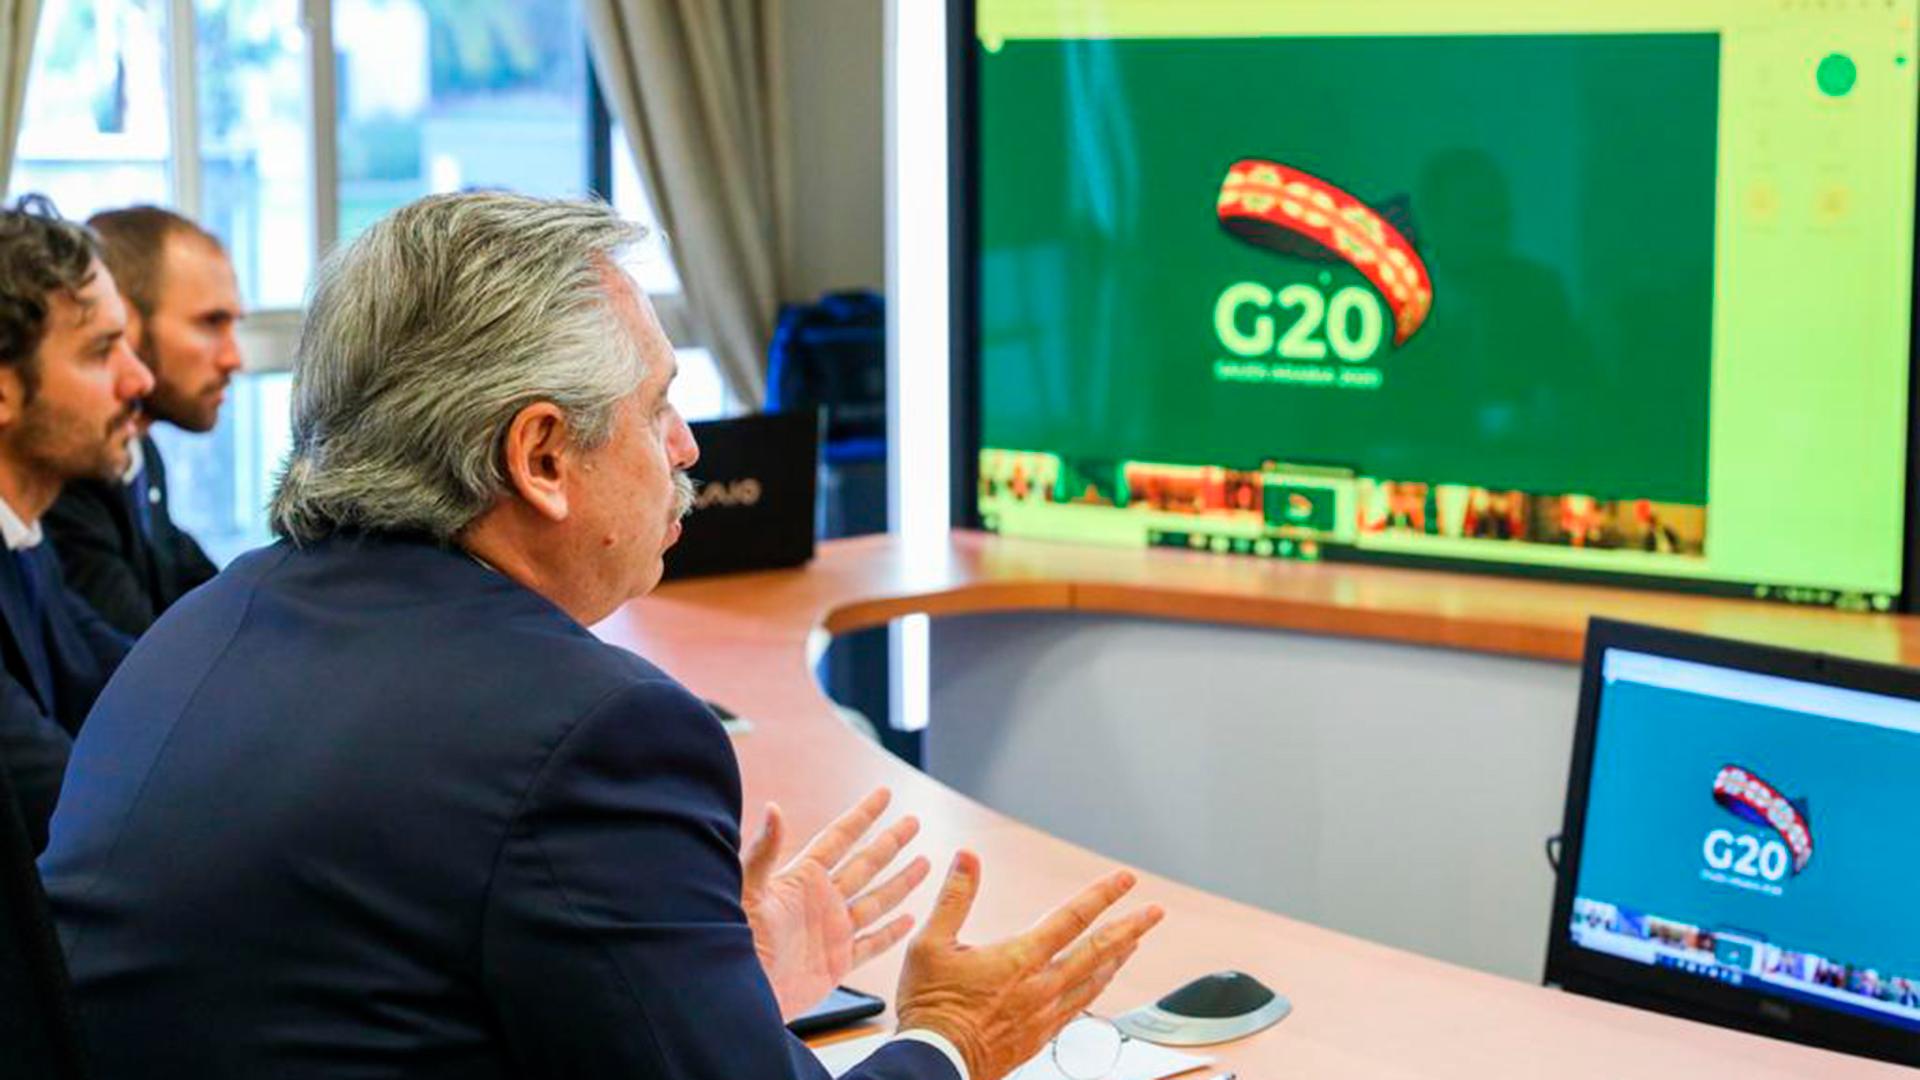 El Presidente argentino dialoga por videoconferencia con los presidentes y jefes de Estado del G20, desde la Quinta de Olivos. La pandemia afectó las relaciones personal y también las internacionales. La política exterior de los países, subsumida a la pandemia y sus dramáticas consecuencias sanitarias y económicas.